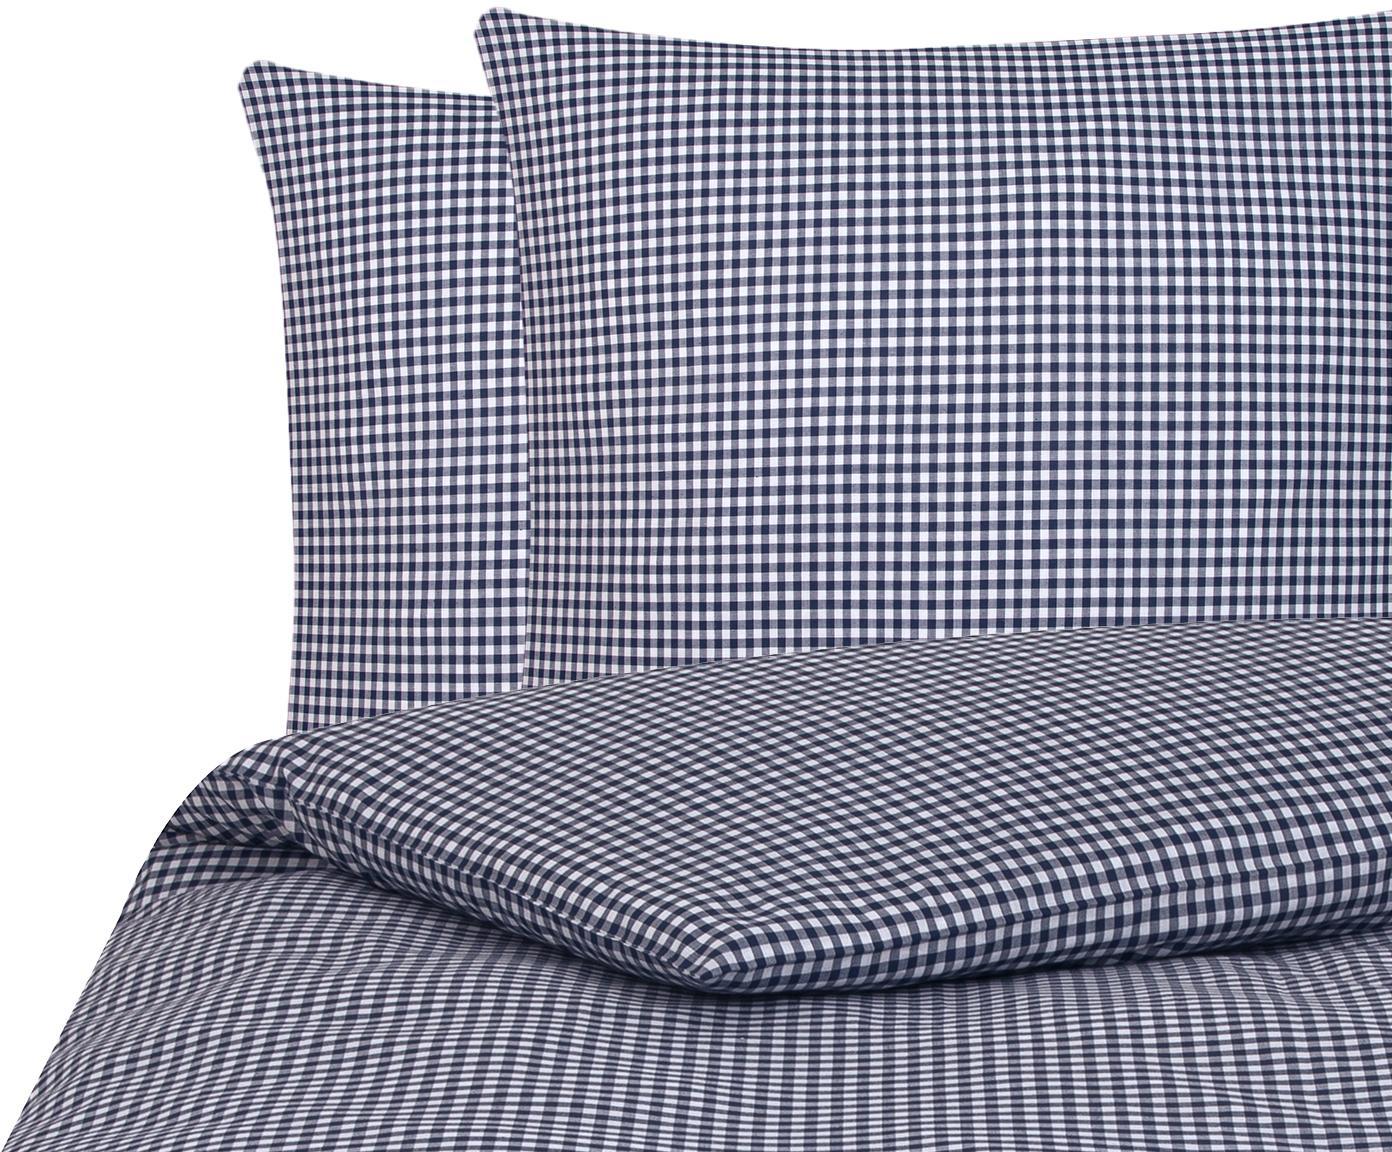 Karierte Baumwoll-Bettwäsche Scotty in Blau/Weiß, 100% Baumwolle  Fadendichte 118 TC, Standard Qualität  Bettwäsche aus Baumwolle fühlt sich auf der Haut angenehm weich an, nimmt Feuchtigkeit gut auf und eignet sich für Allergiker, Blau/Weiß, 240 x 220 cm + 2 Kissen 80 x 80 cm